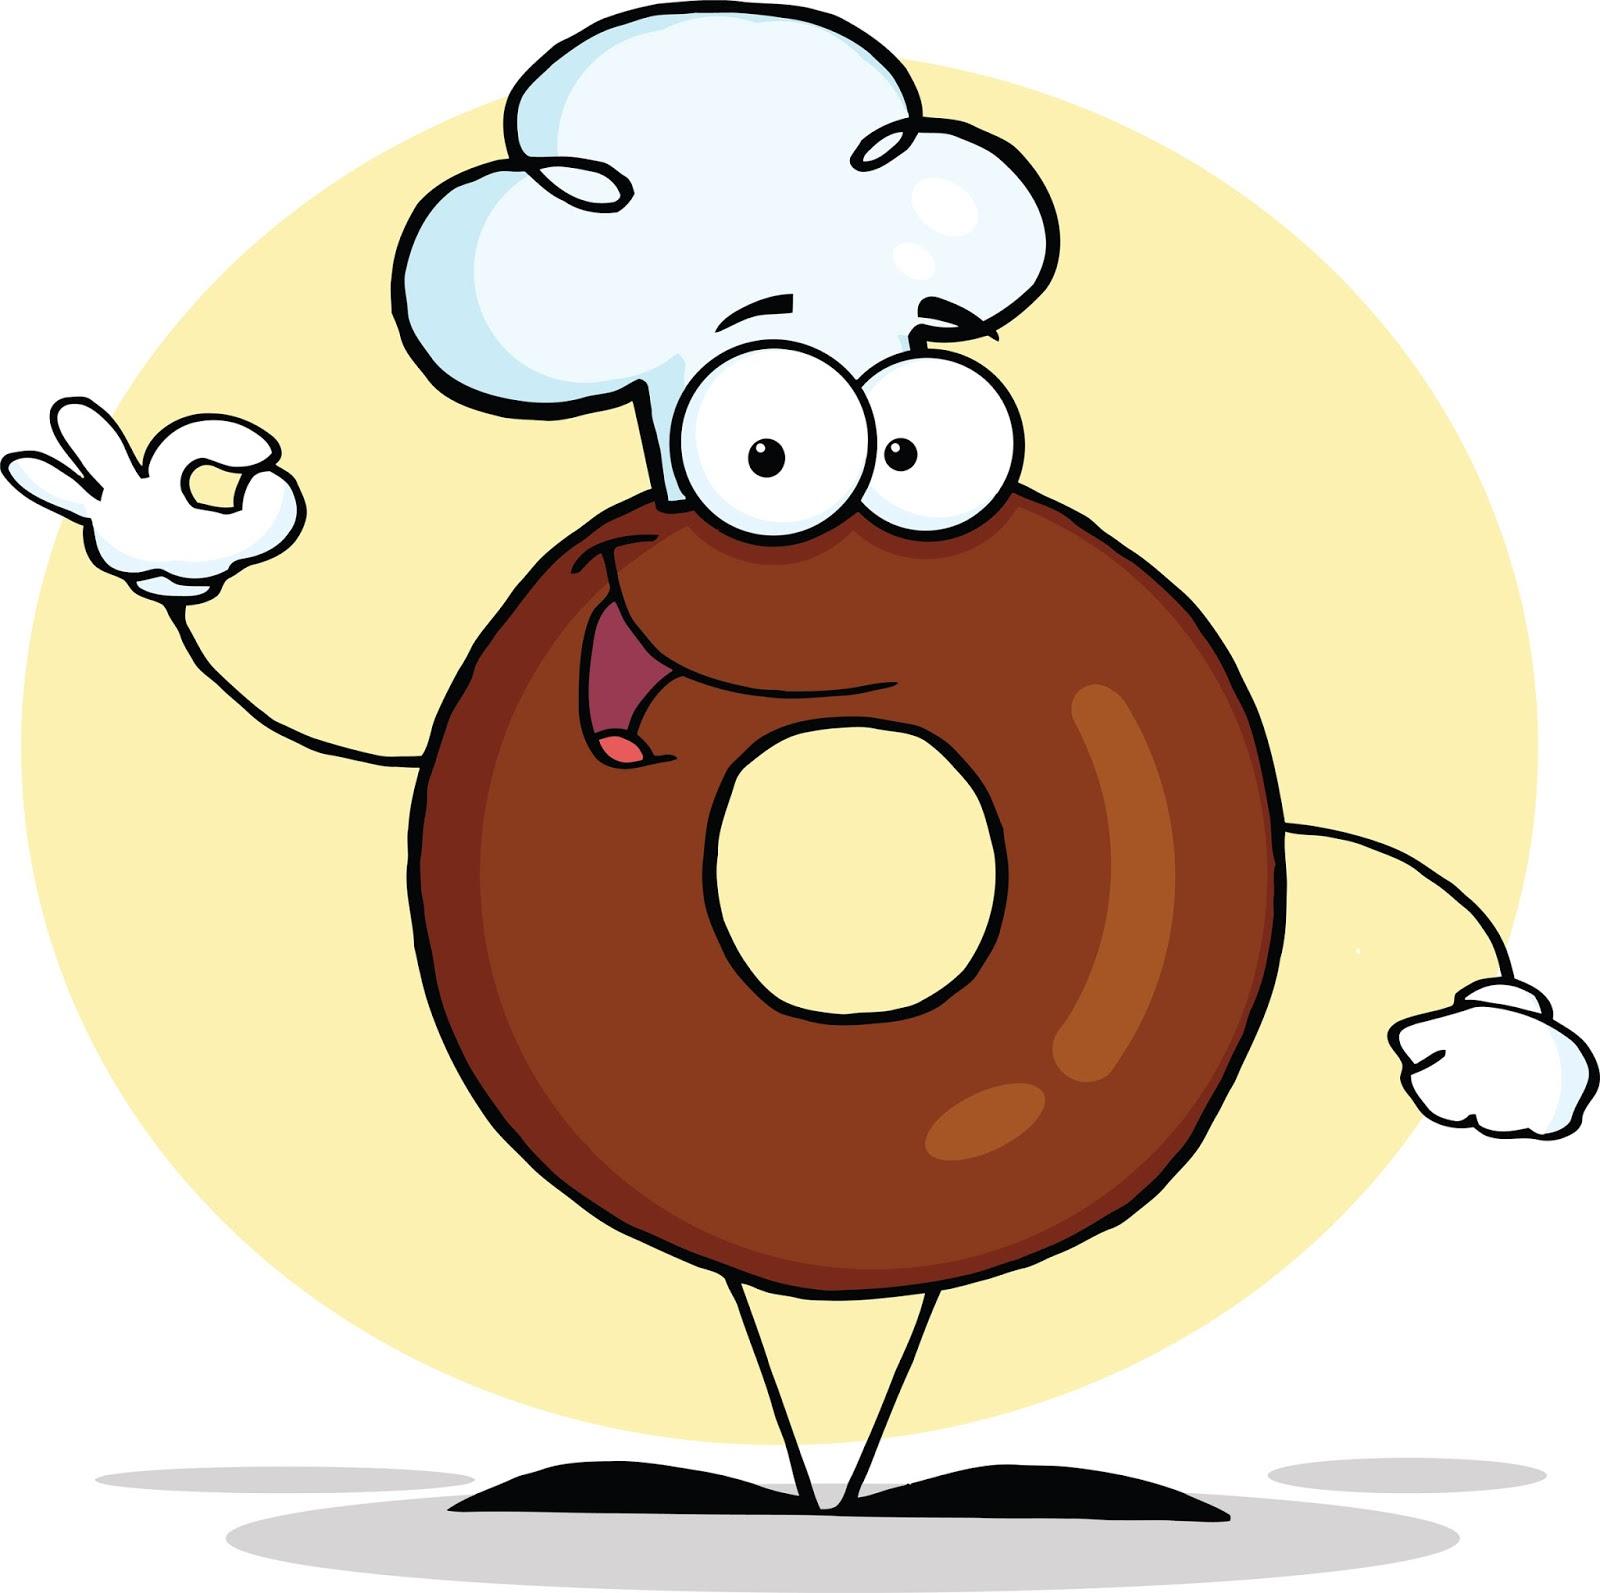 Картинка смешной пончик